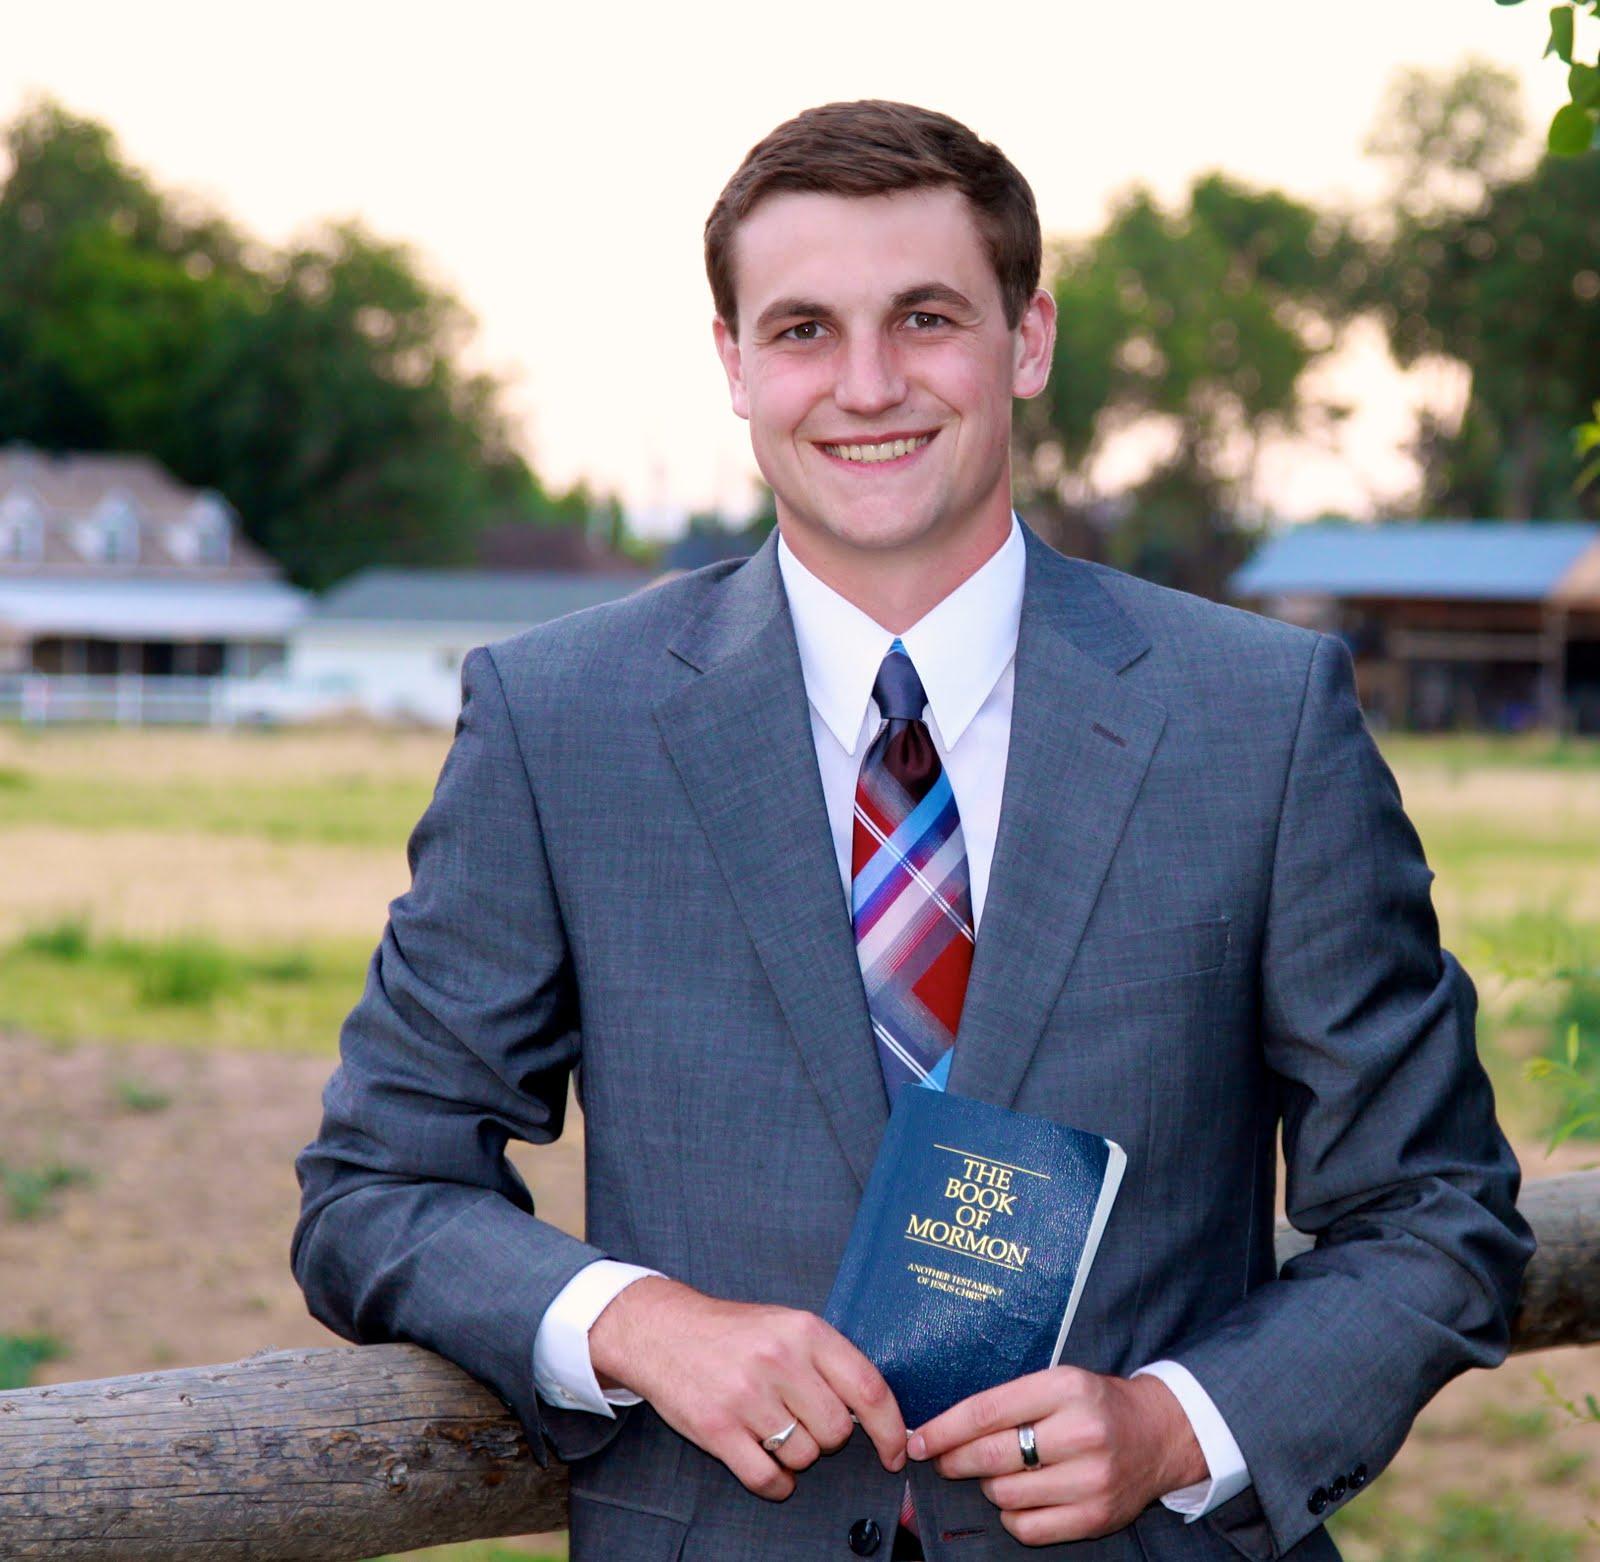 Elder Mitchel Murdock